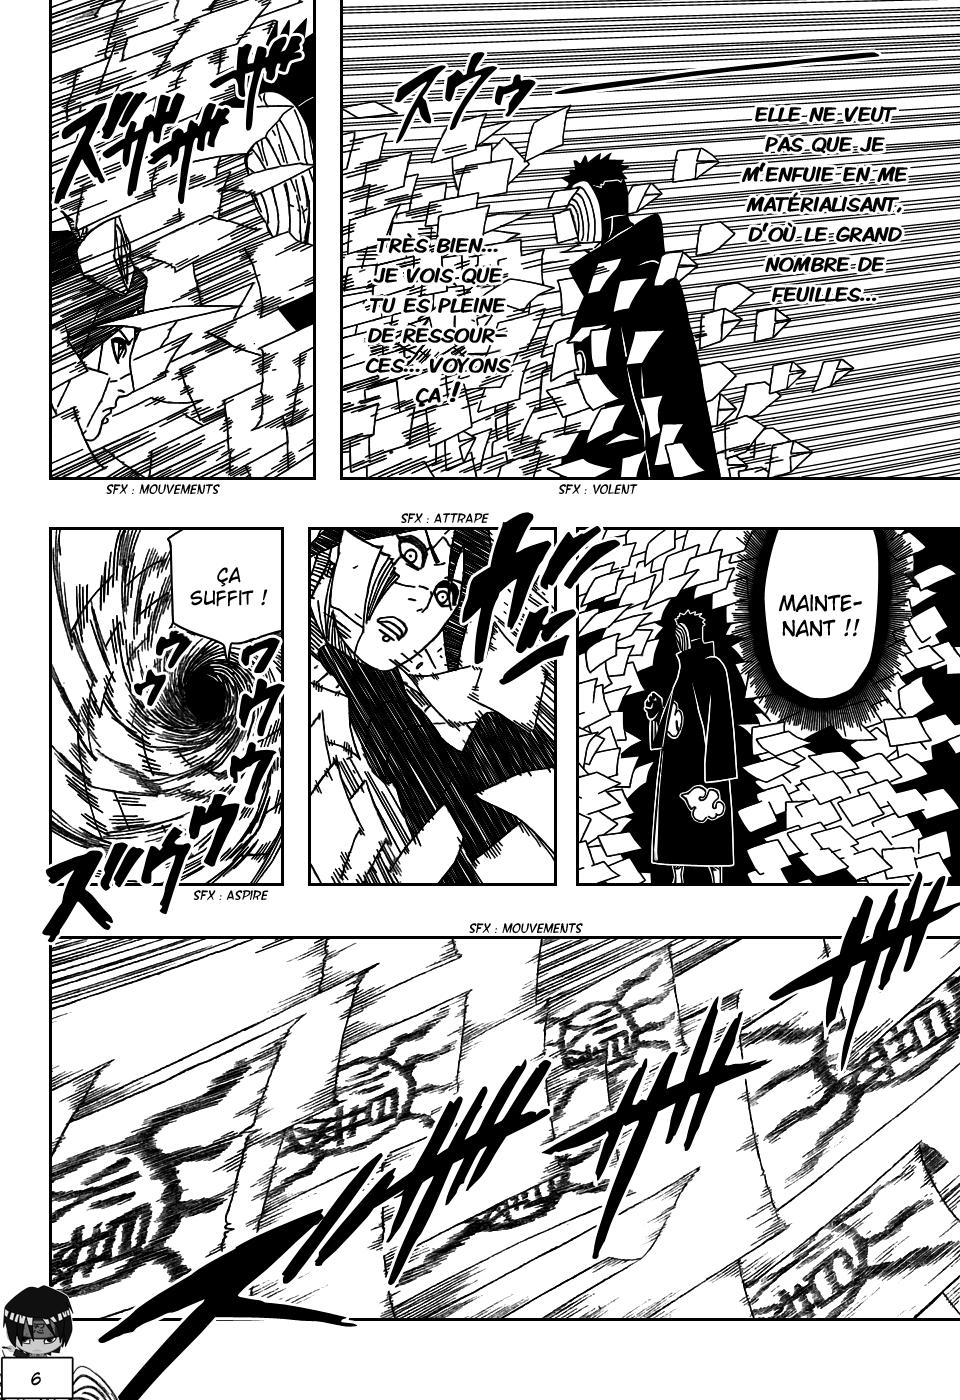 Naruto chapitre 509 - Page 6